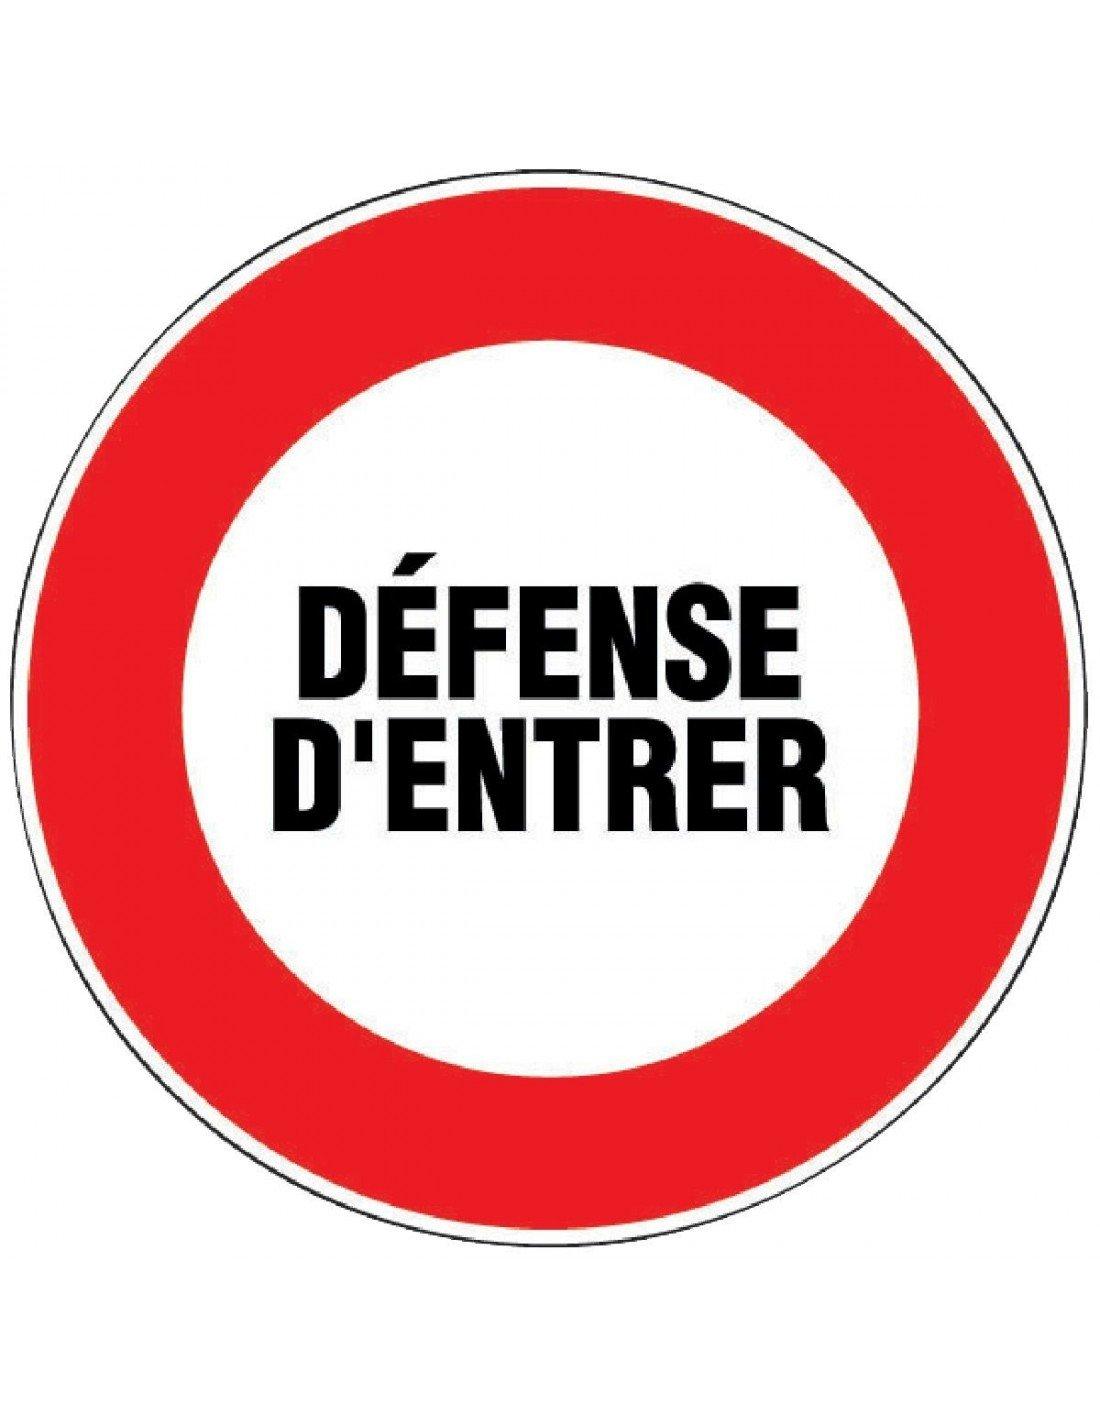 Outibat - Panneaux de signalisation ronds / Danger - Dé fense d'entrer Bricodeal